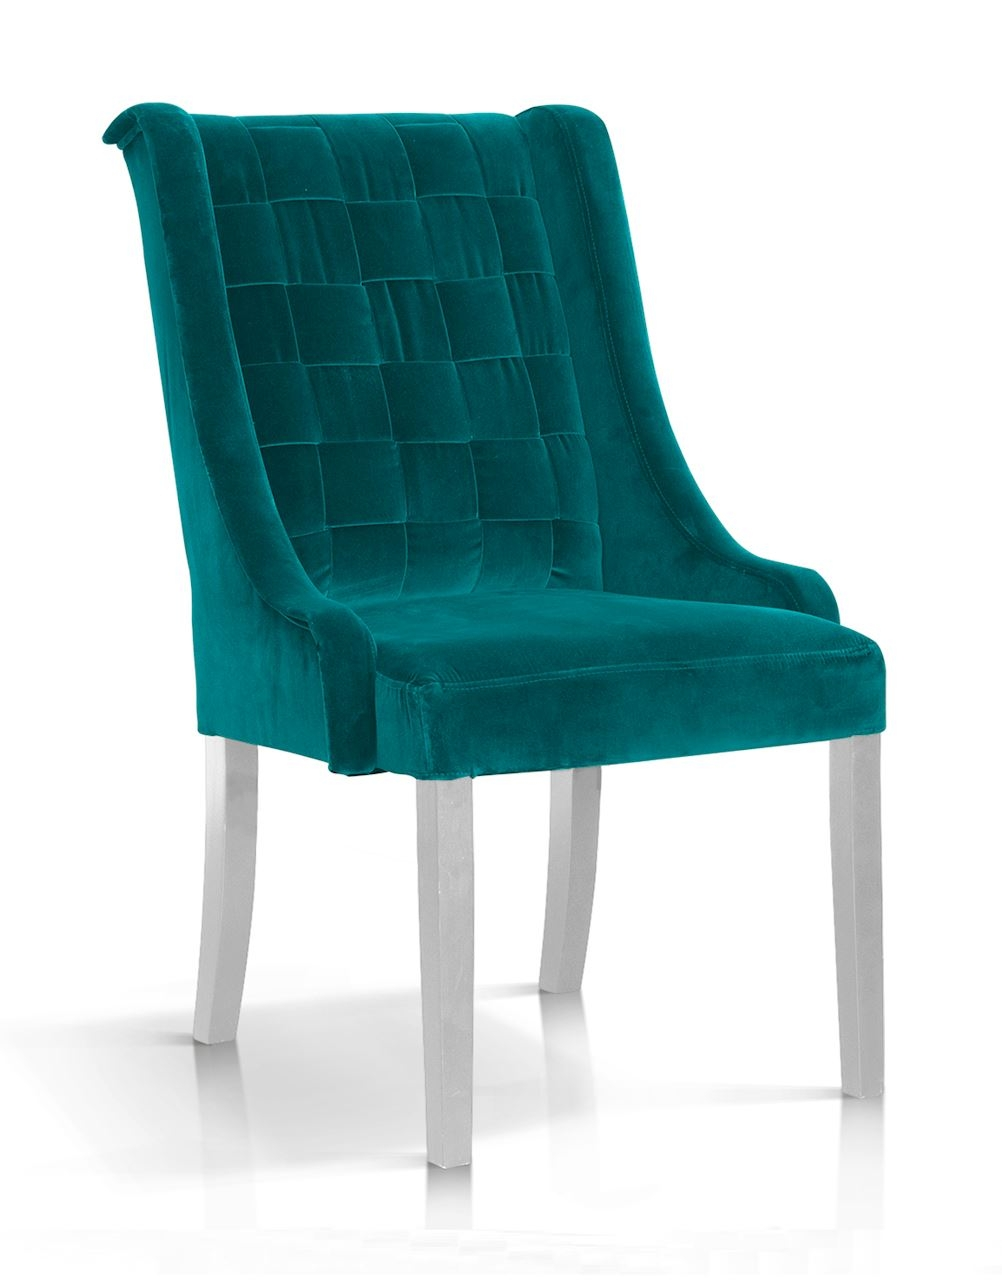 Scaun tapitat cu stofa, cu picioare din lemn Prince Turcoaz / Alb, l55xA70xH105 cm